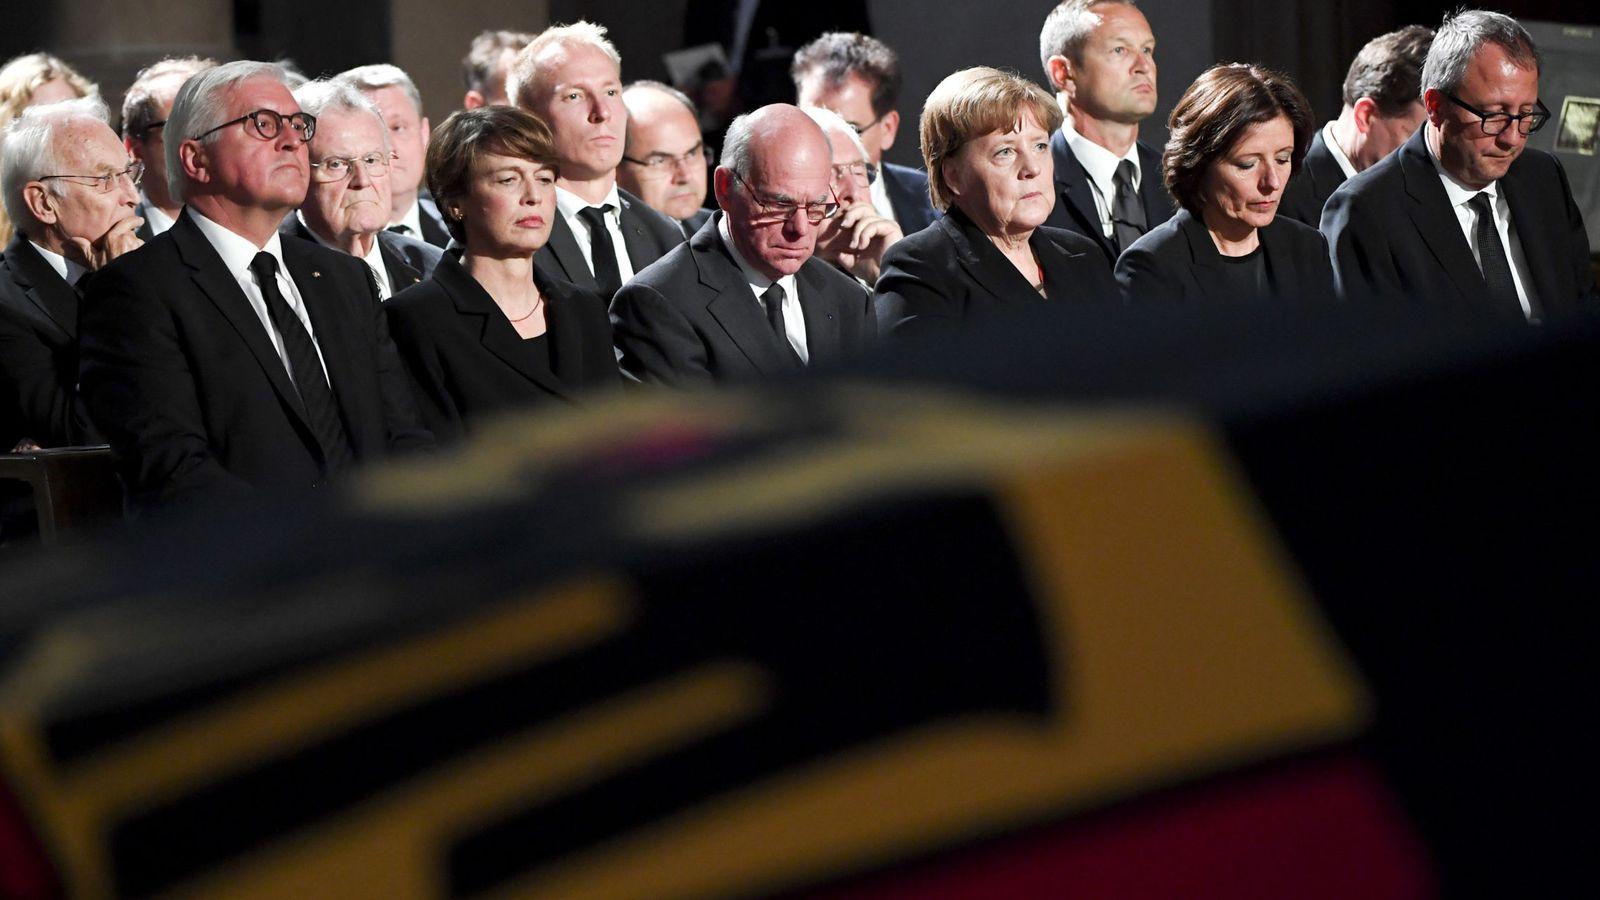 Foto: Las fuerzas vivas alemanas, con la canciller Angela Merkel al frente, en el funeral de Helmut Kohl en Estrasburgo. (Reuters)